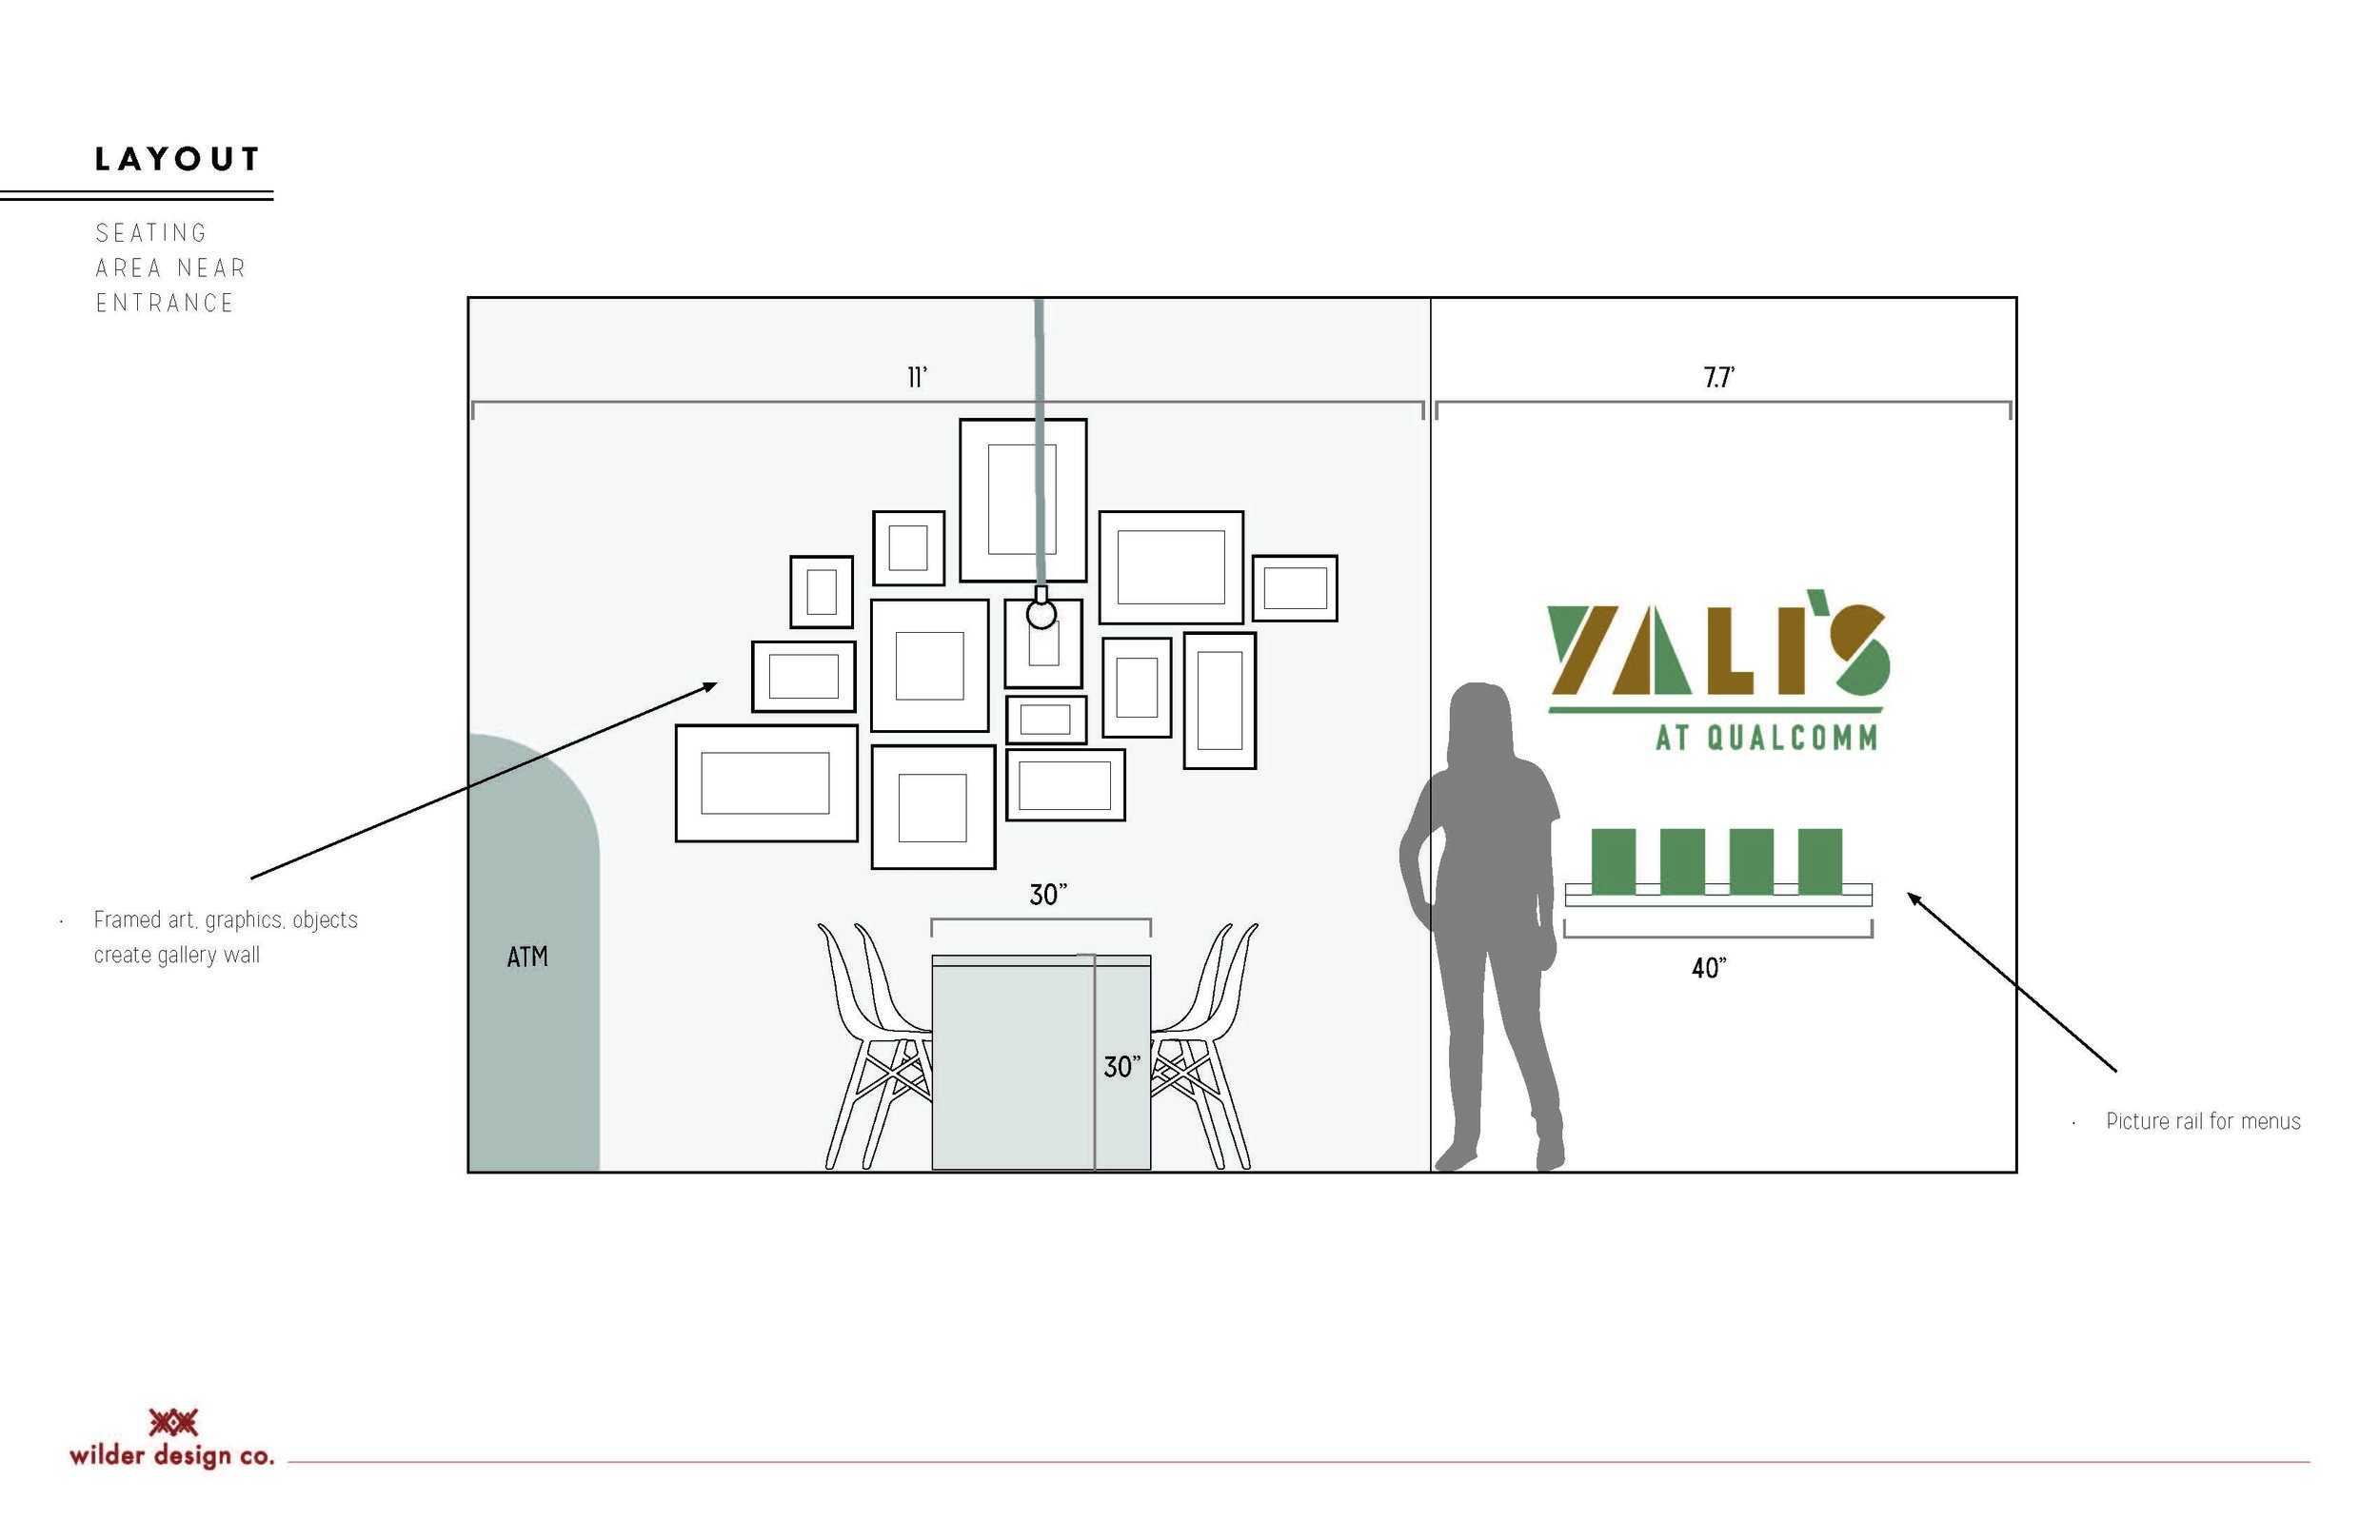 Yalis_Layout_091717_Page_38.jpg